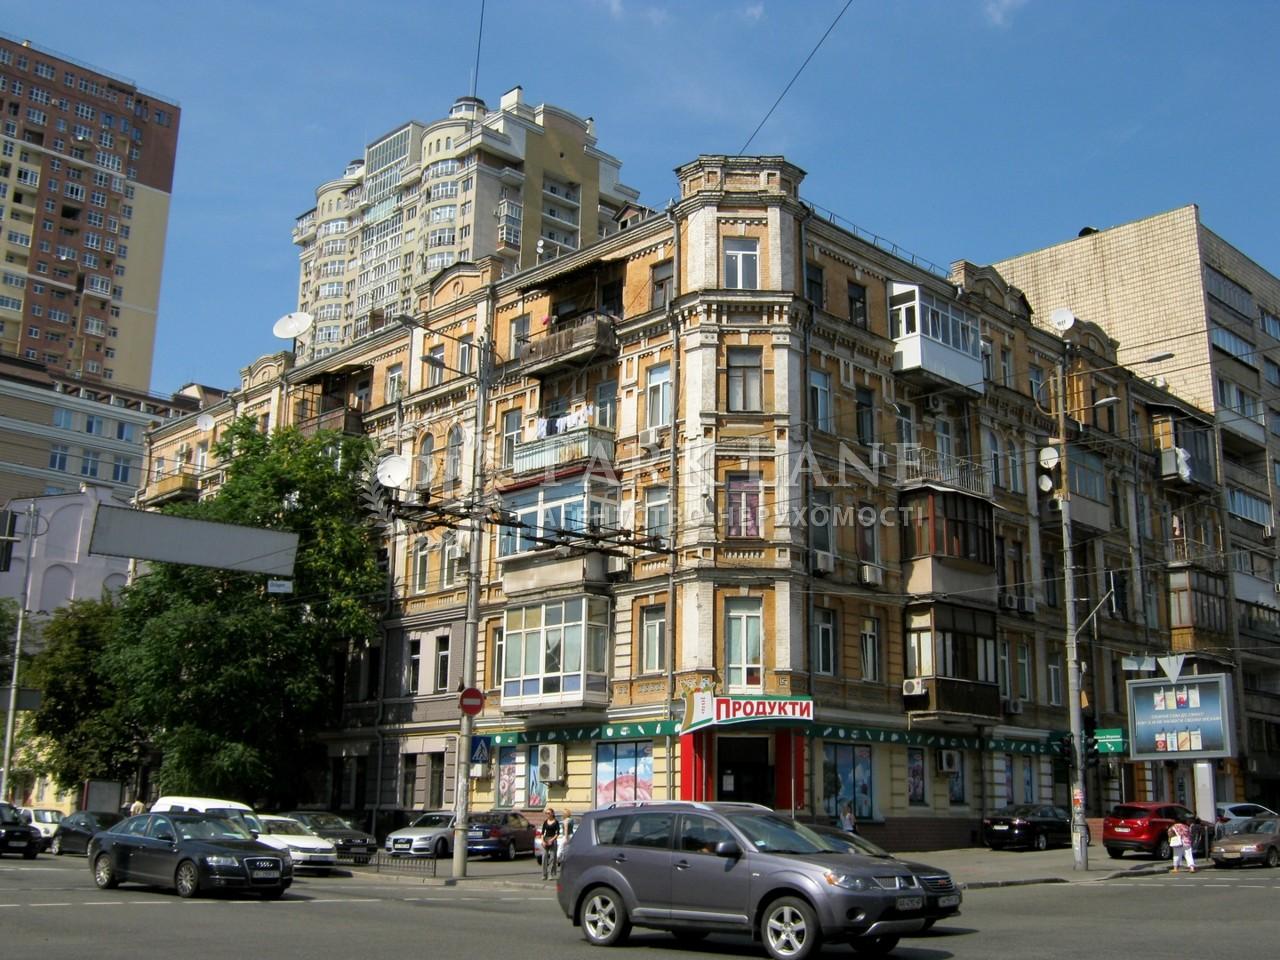 Квартира ул. Жилянская, 104/24, Киев, D-35889 - Фото 1